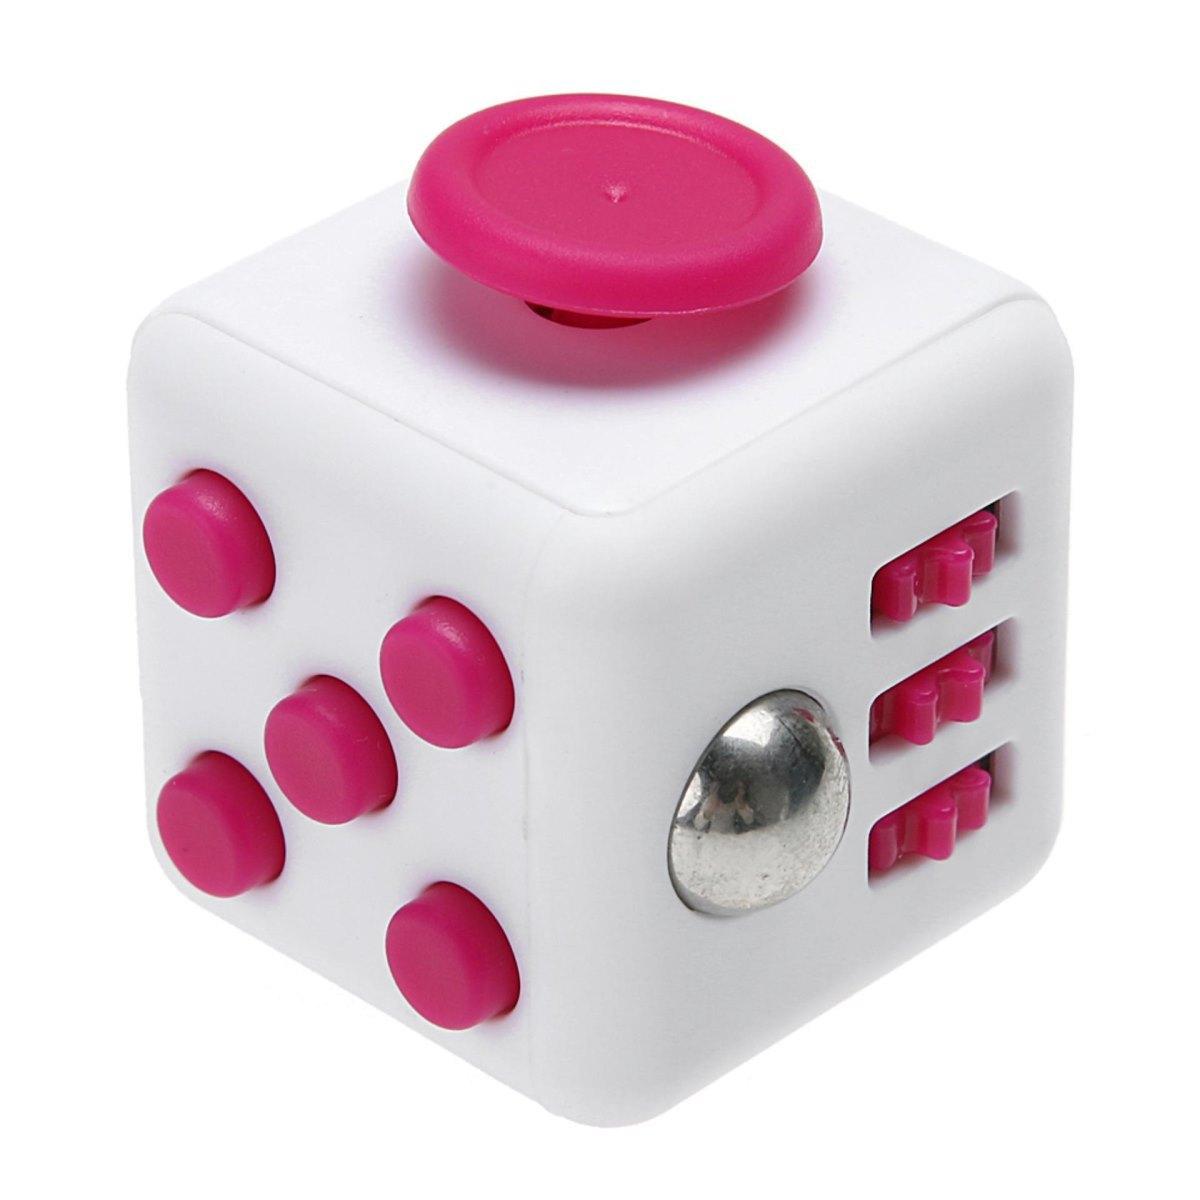 Игрушка антистресс - FidgetCube Light, бело-розовыйАнтистресс кубики Fidget Cube<br>Игрушка антистресс - FidgetCube Light, бело-розовый<br>